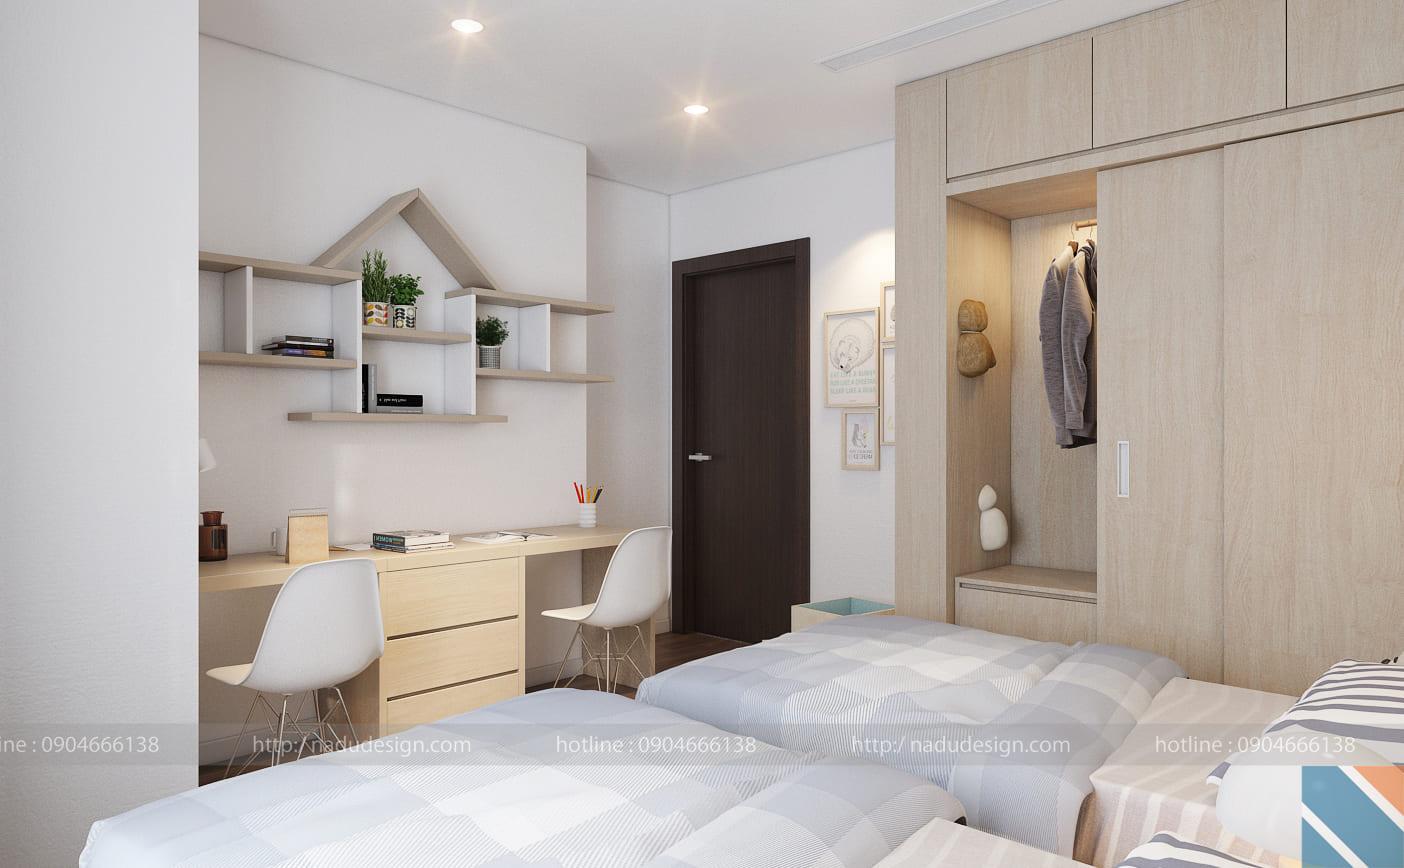 Mẫu thiết kế nội thất phòng ngủ 2 giường đẹp